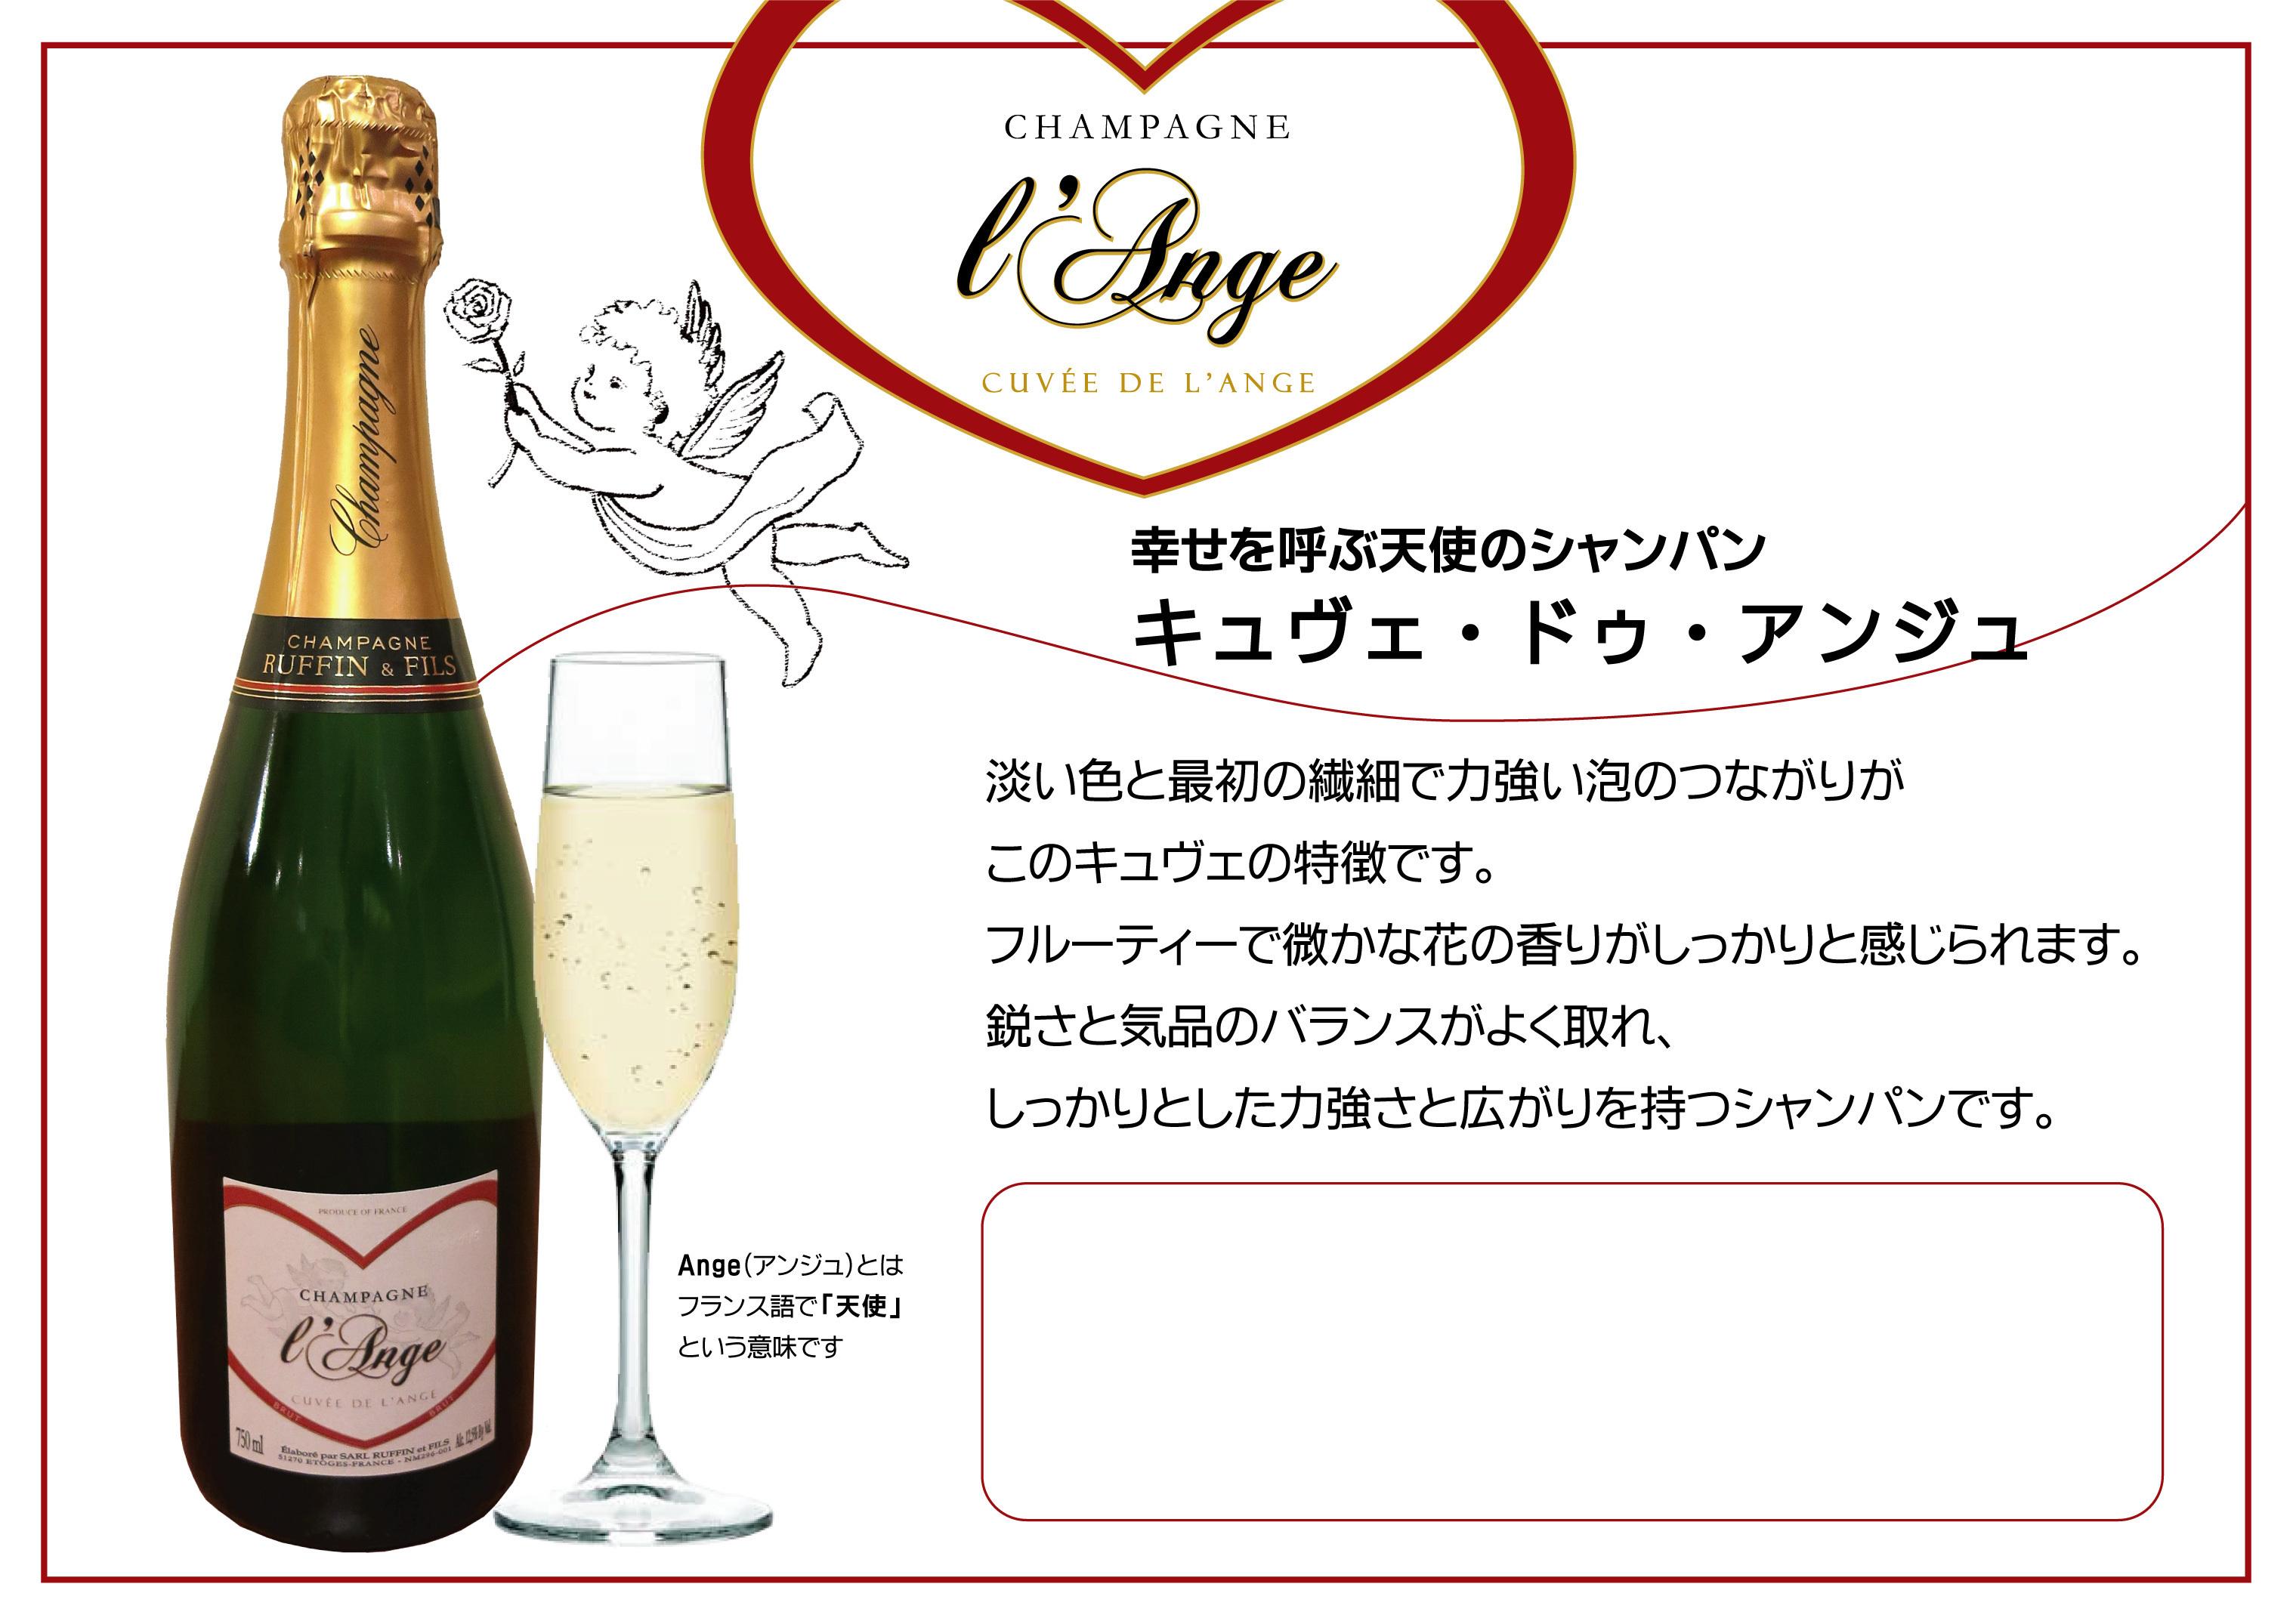 2017.4.1デビュー「天使のシャンパーニュ」〜キュヴェ ドゥ アンジュ〜